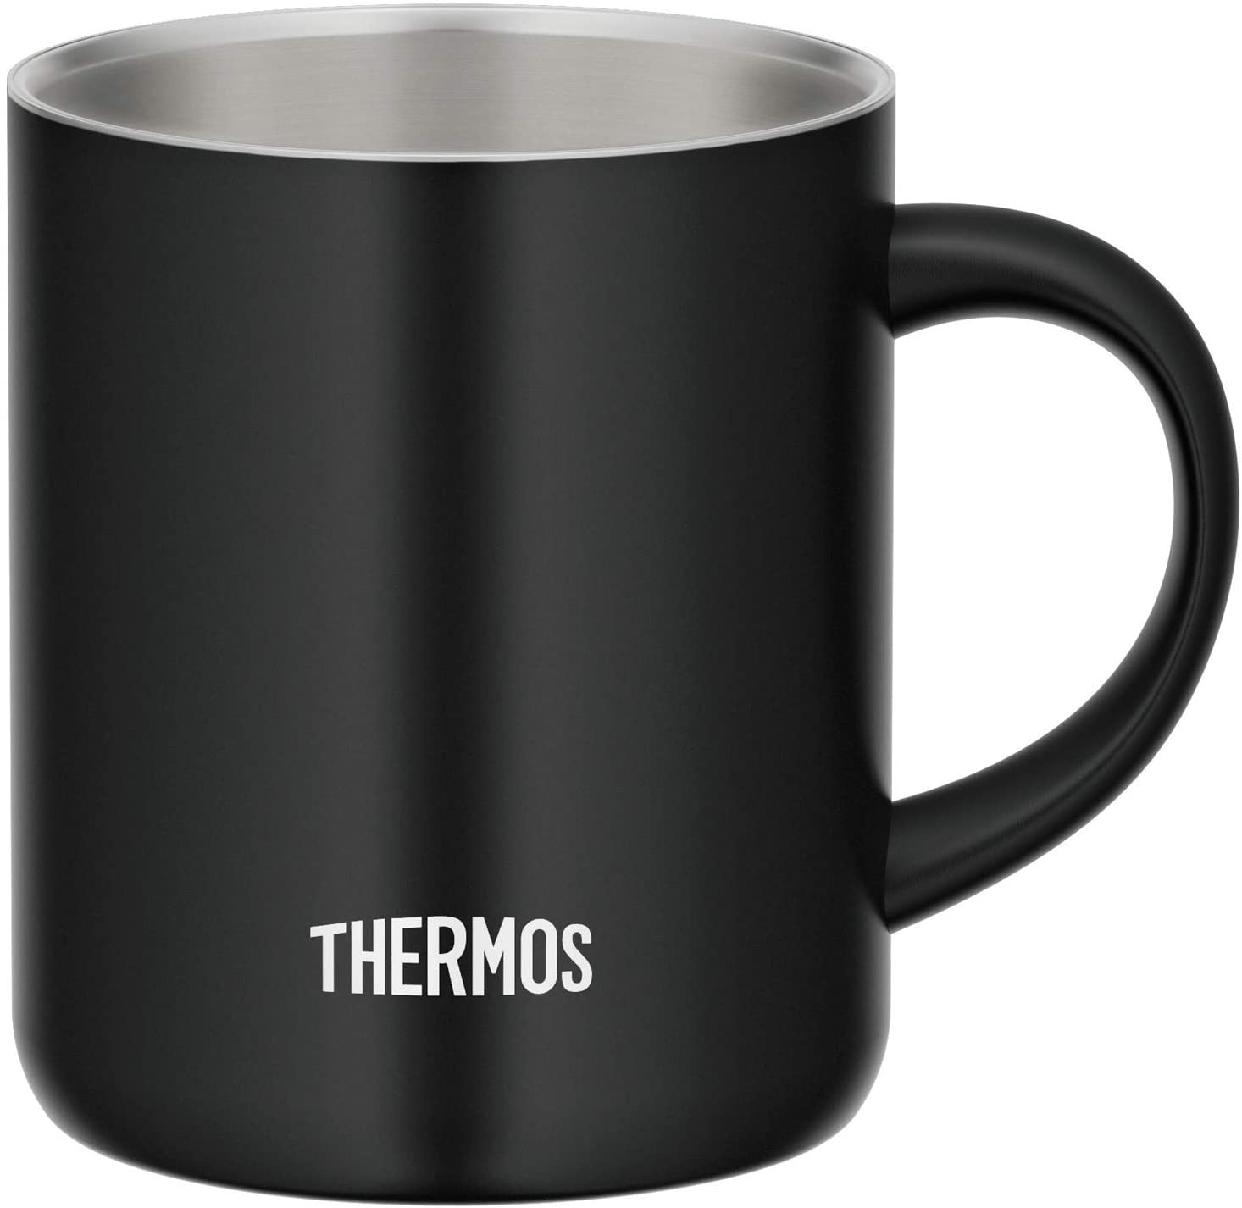 THERMOS(サーモス) 真空断熱マグカップ JDG-350の商品画像